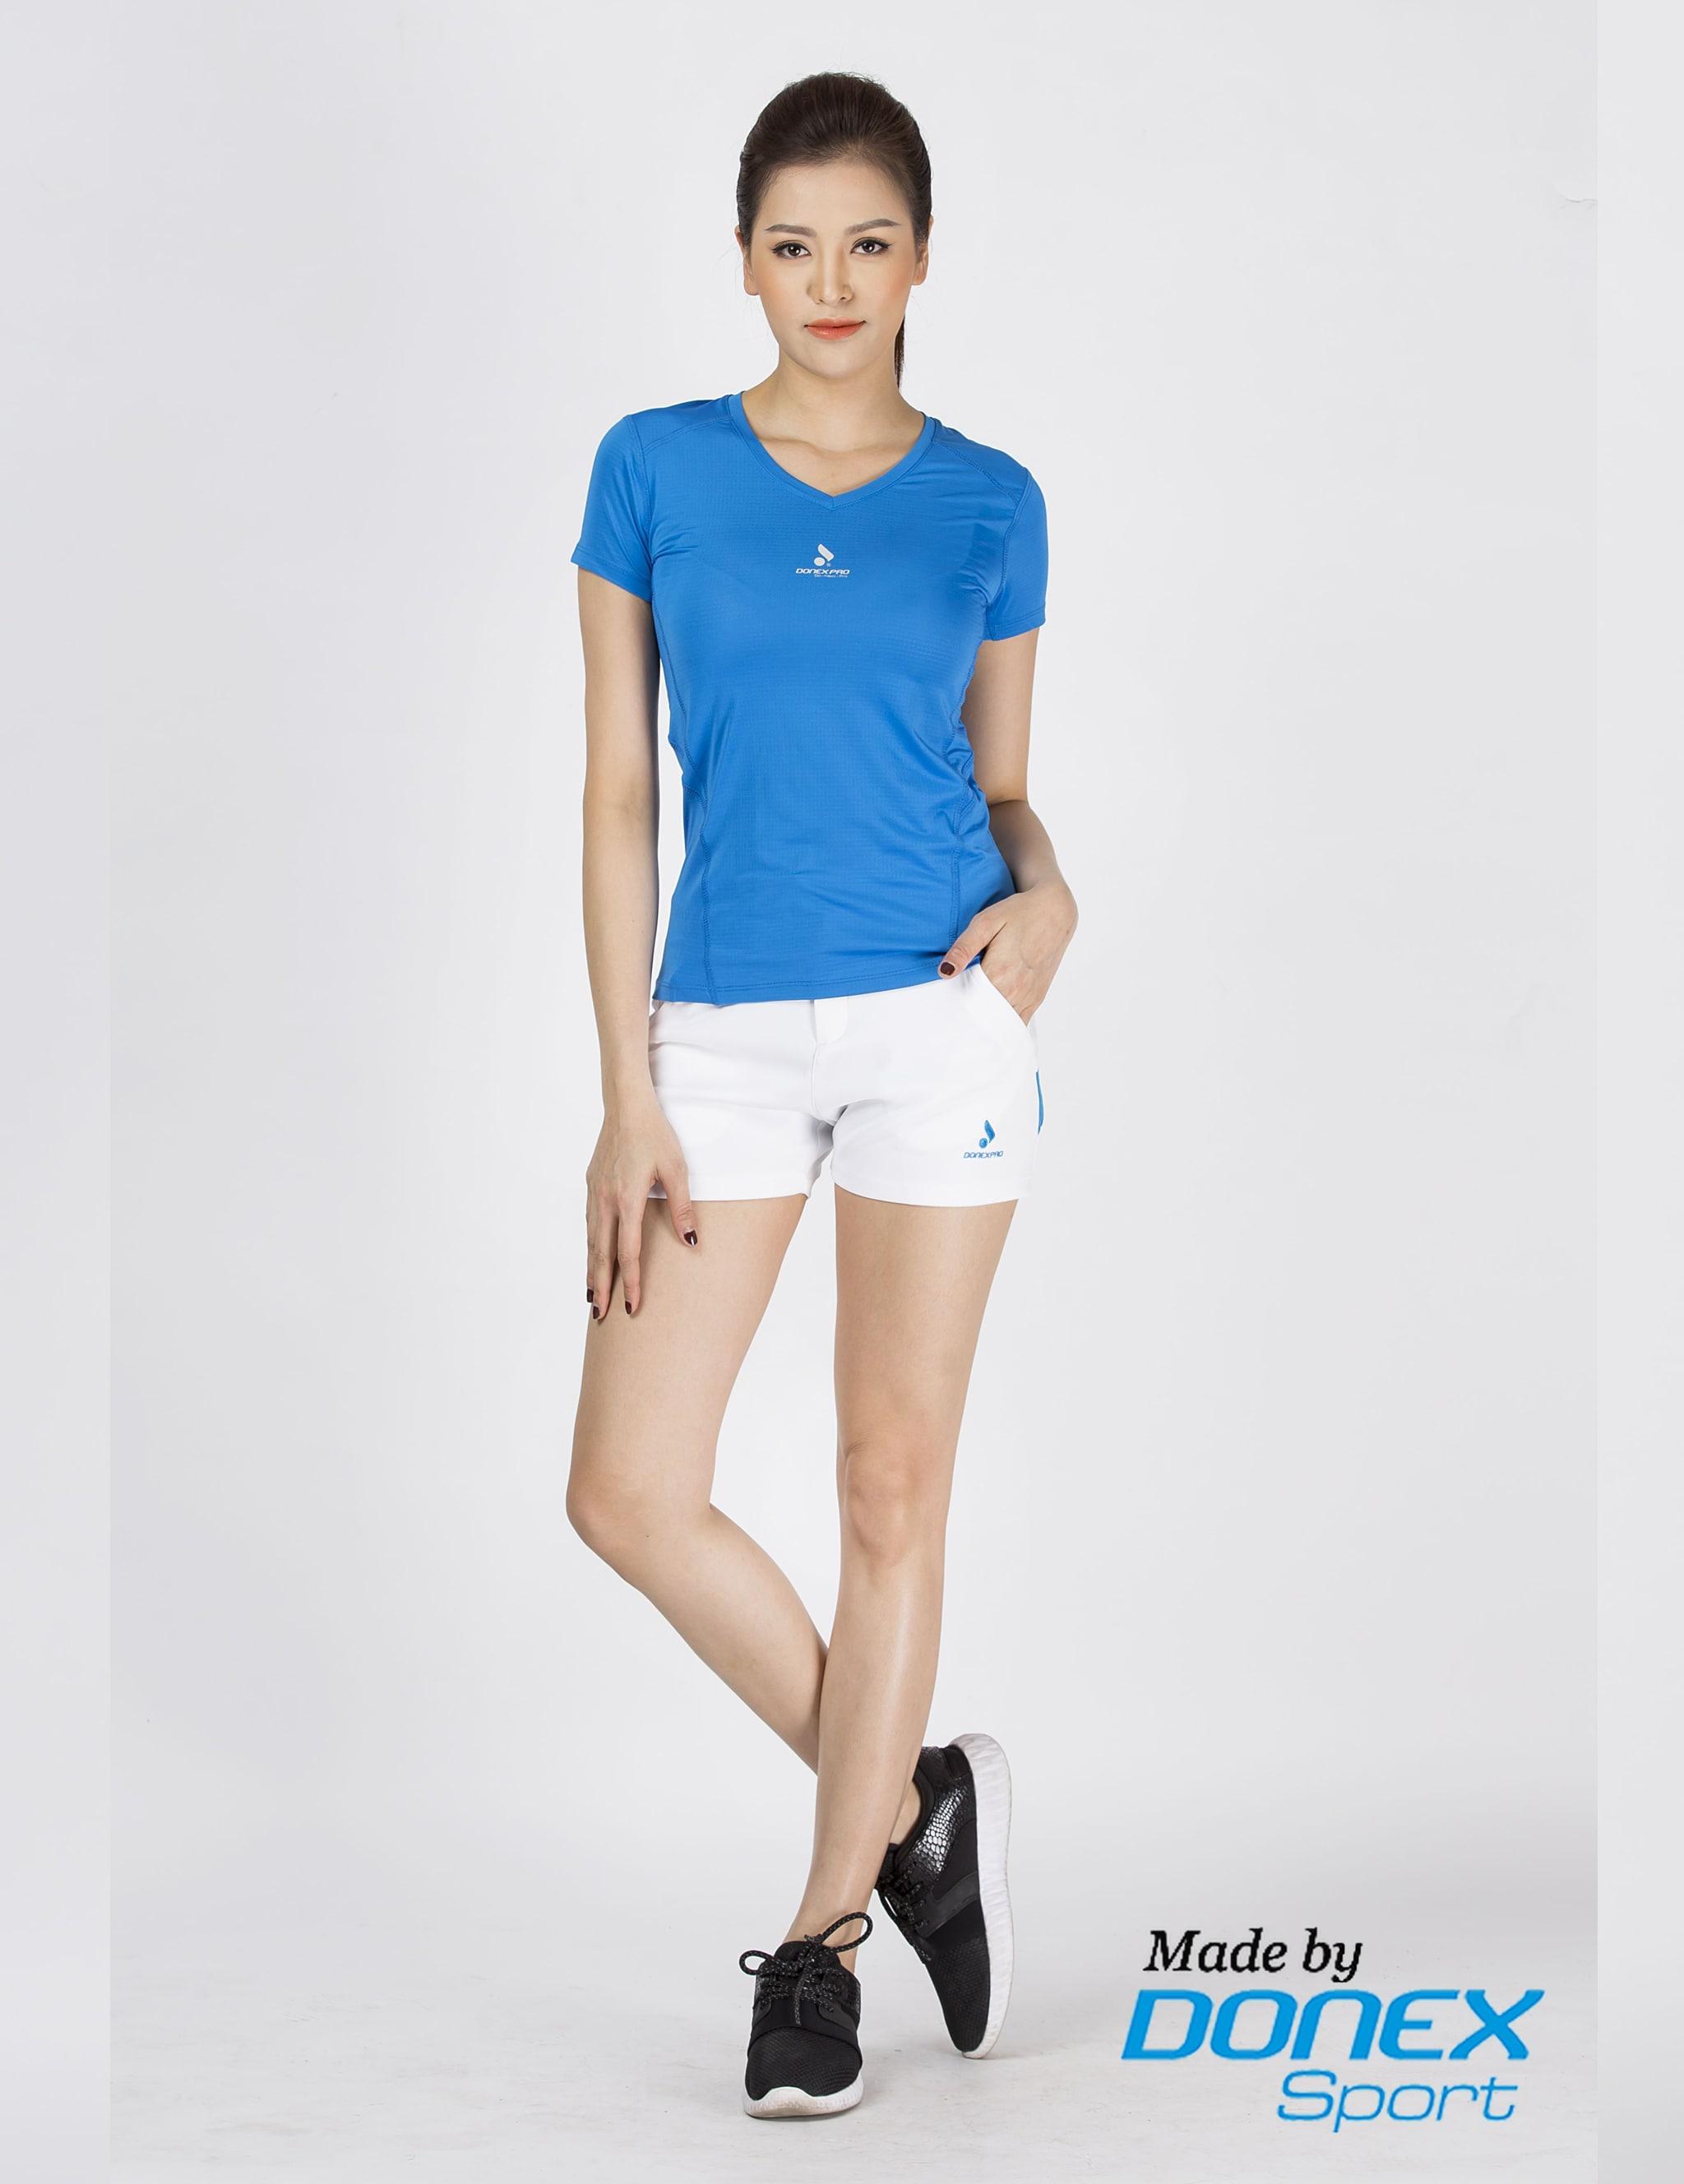 Áo thể thao nữ AC-3364 xanh cô ban phối ghi